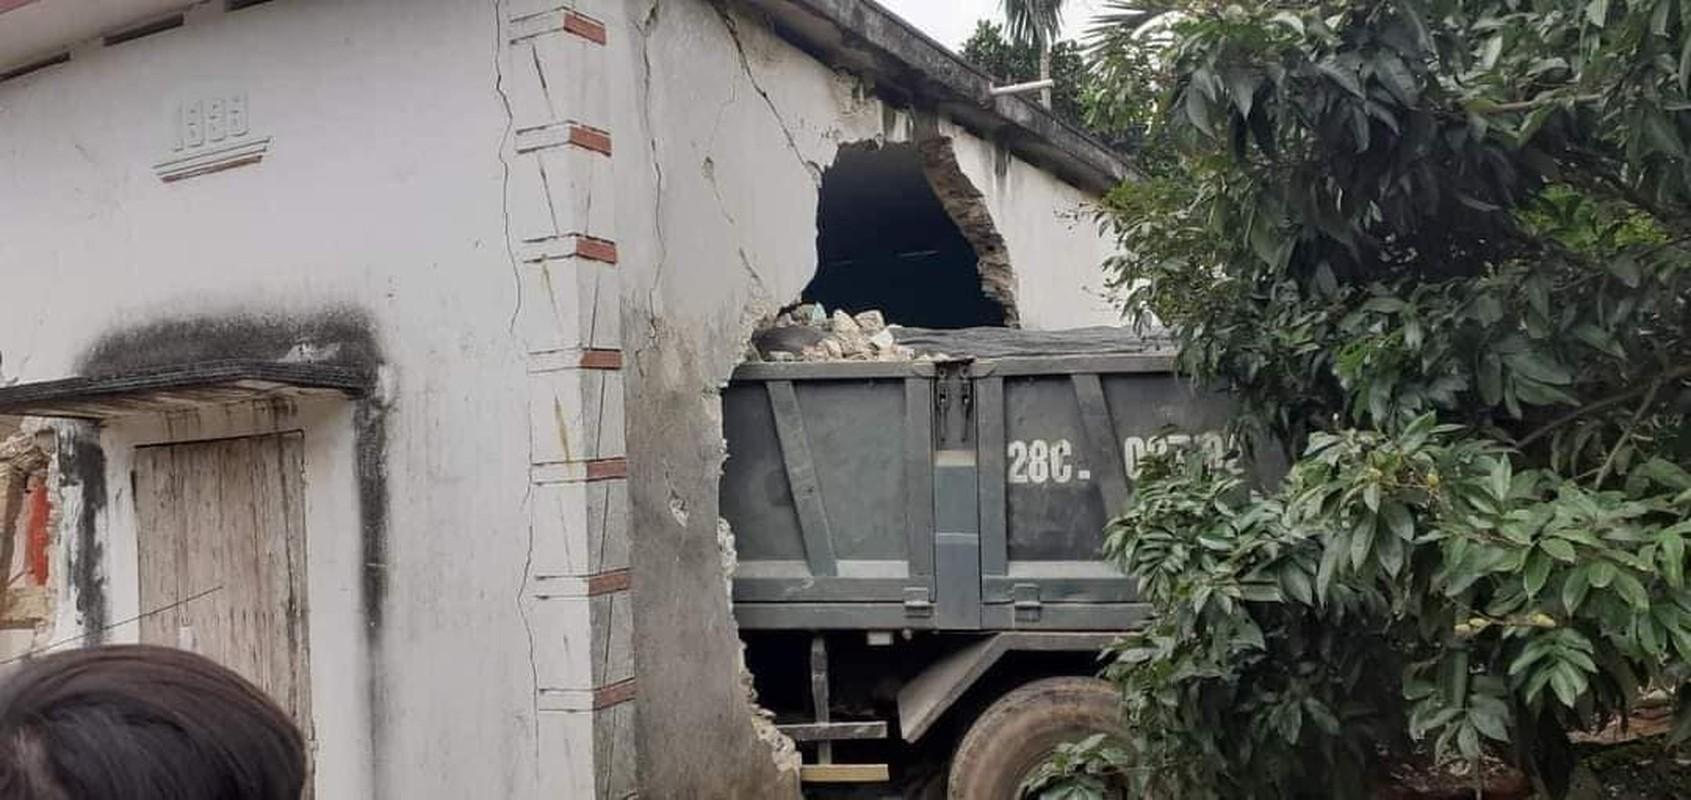 Hien truong vu xe tai mat lai, huc thung nha dan-Hinh-4